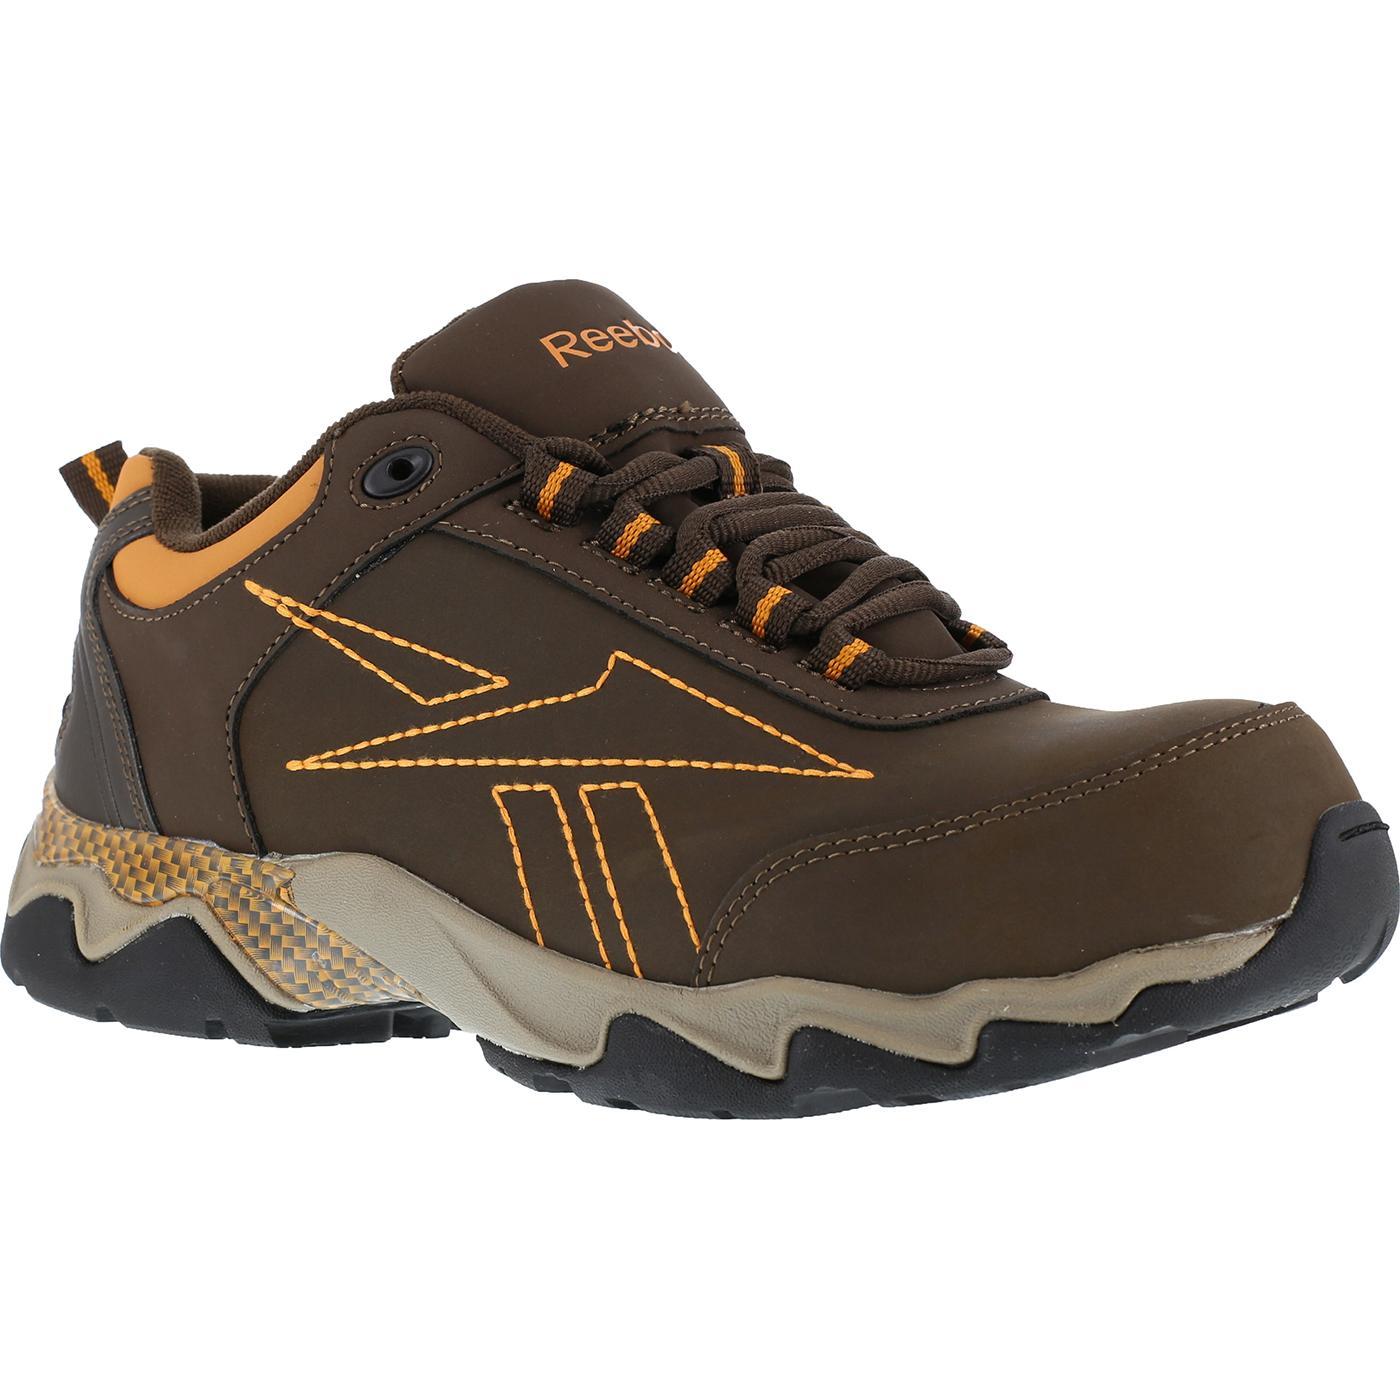 Menu0026#39;s Brown Composite Toe Work Athletic Shoe Reebok Beamer